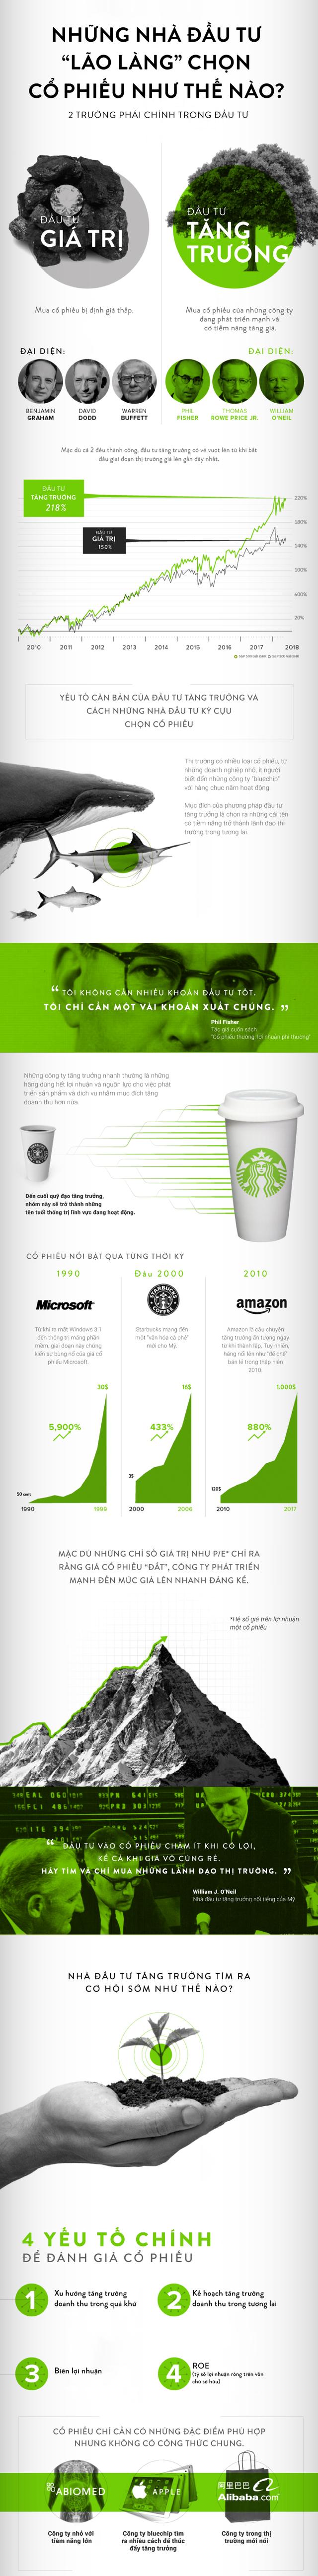 [Infographic] Những nhà đầu tư 'lão làng' chọn cổ phiếu như thế nào? - Ảnh 1.